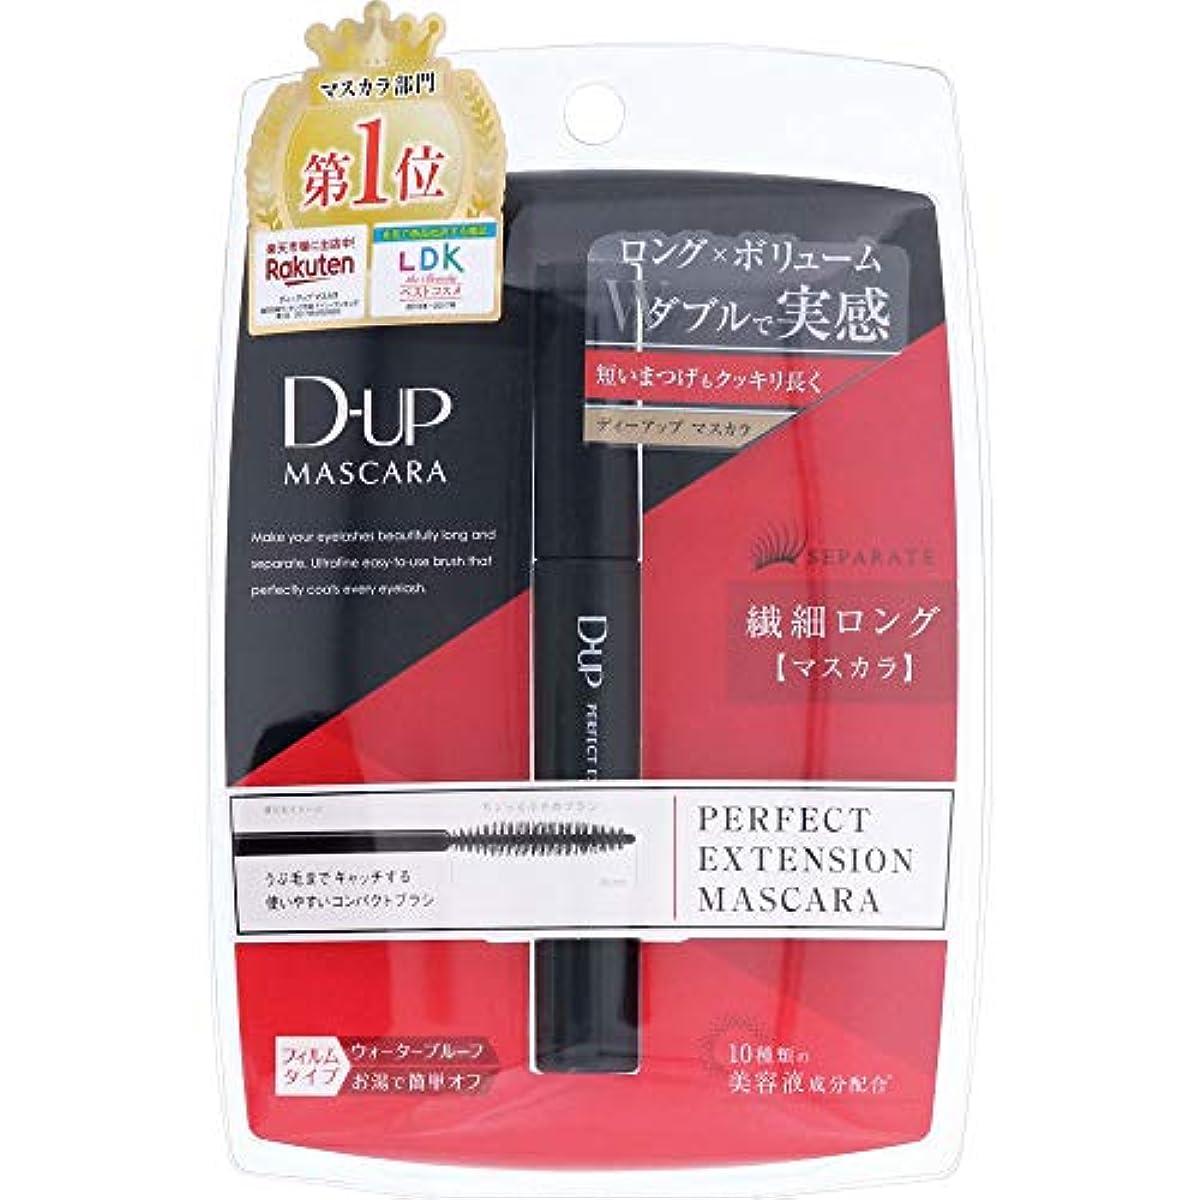 [해외] D 업 퍼팩트 확장 마스카라